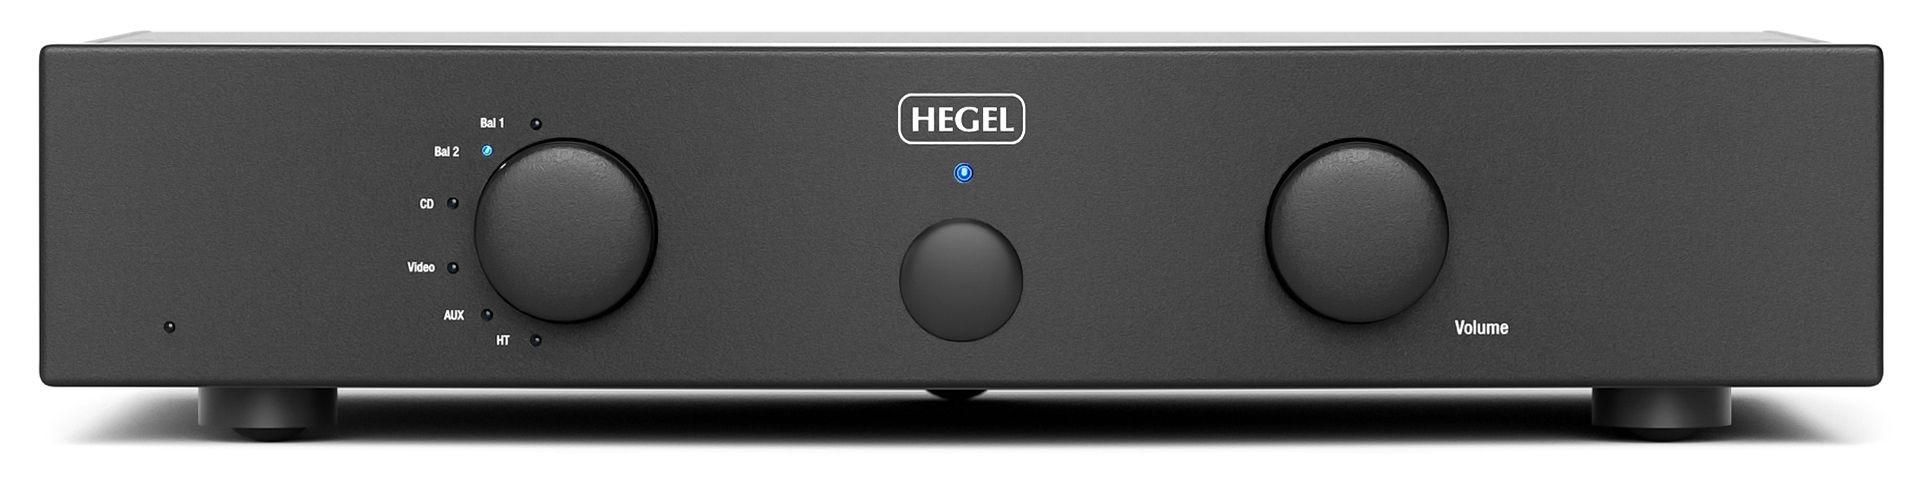 Hegel Dealer NJ P20 Pre Amp.jpg